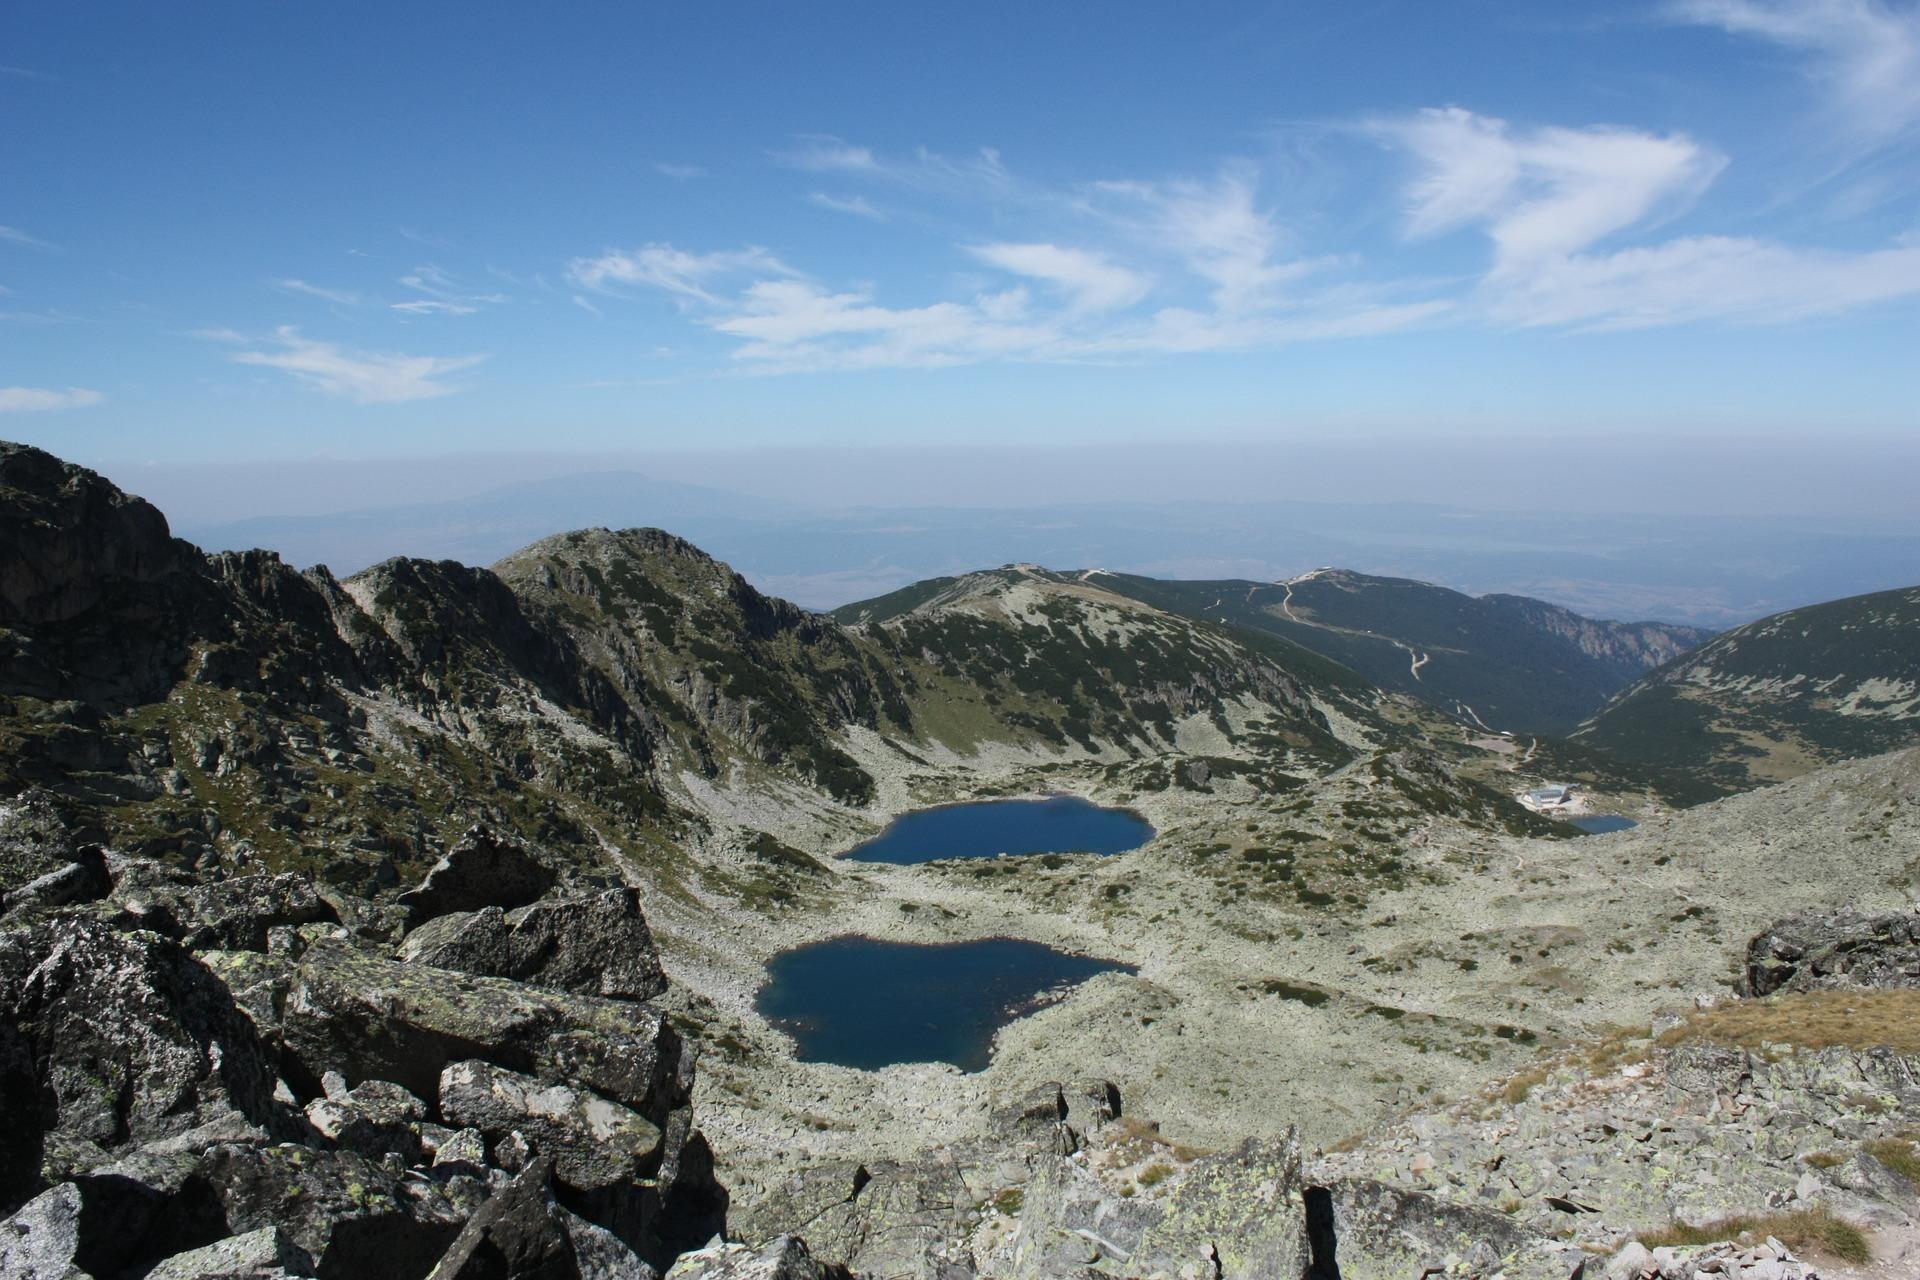 Borovets Geheimtipp für wanderer wenn die Skiurlaub Saison endet fängt die Saison für Wanderer an